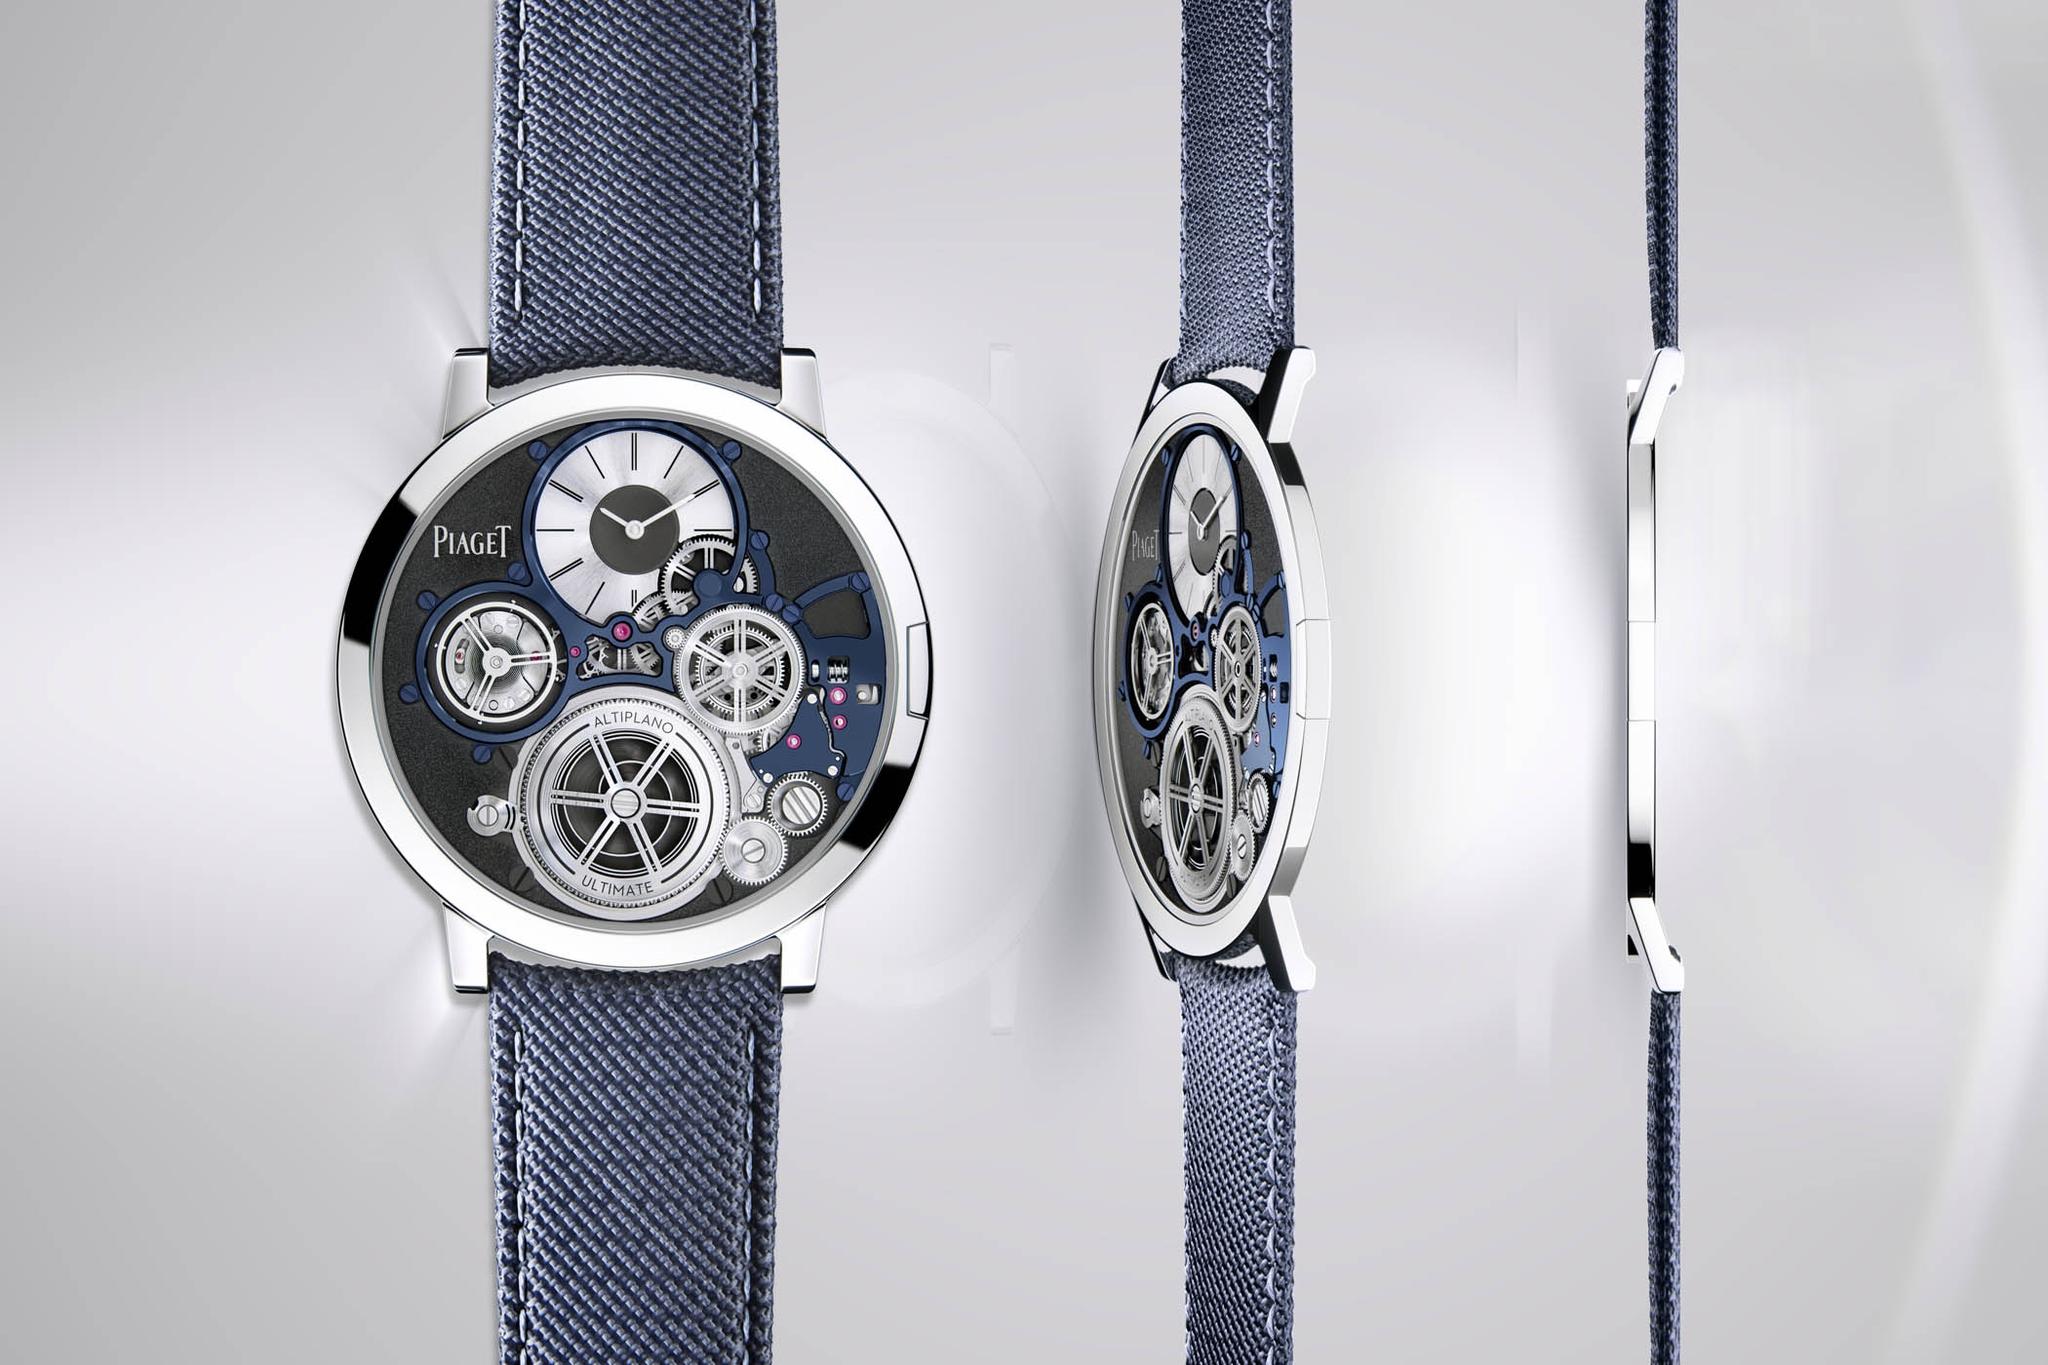 Phỏng vấn: Bí quyết để thương hiệu Piaget tạo ra được những chiếc đồng hồ siêu mỏng